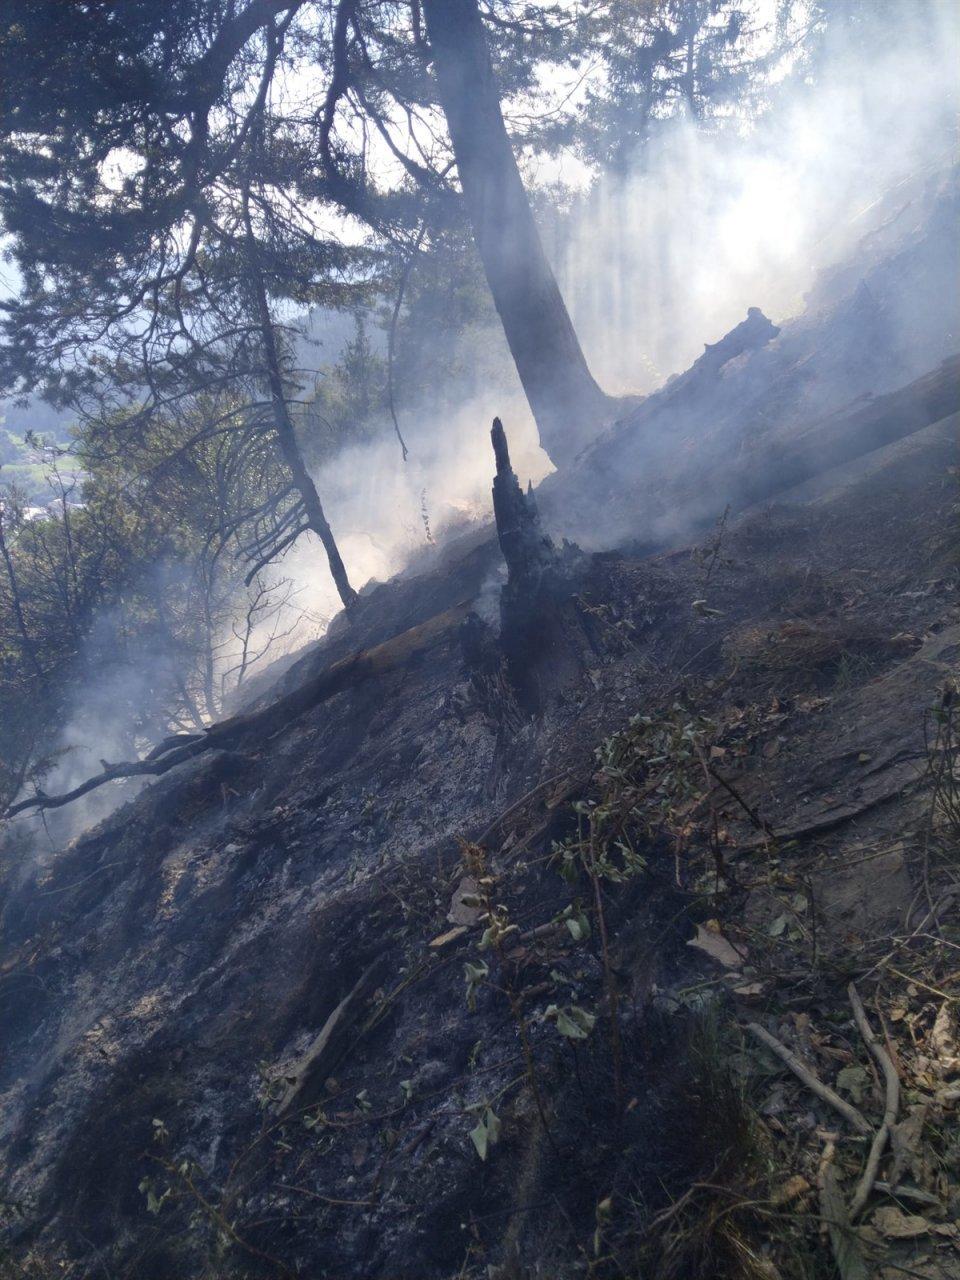 rogo-in-un-bosco,-sessanta-pompieri-lo-domano